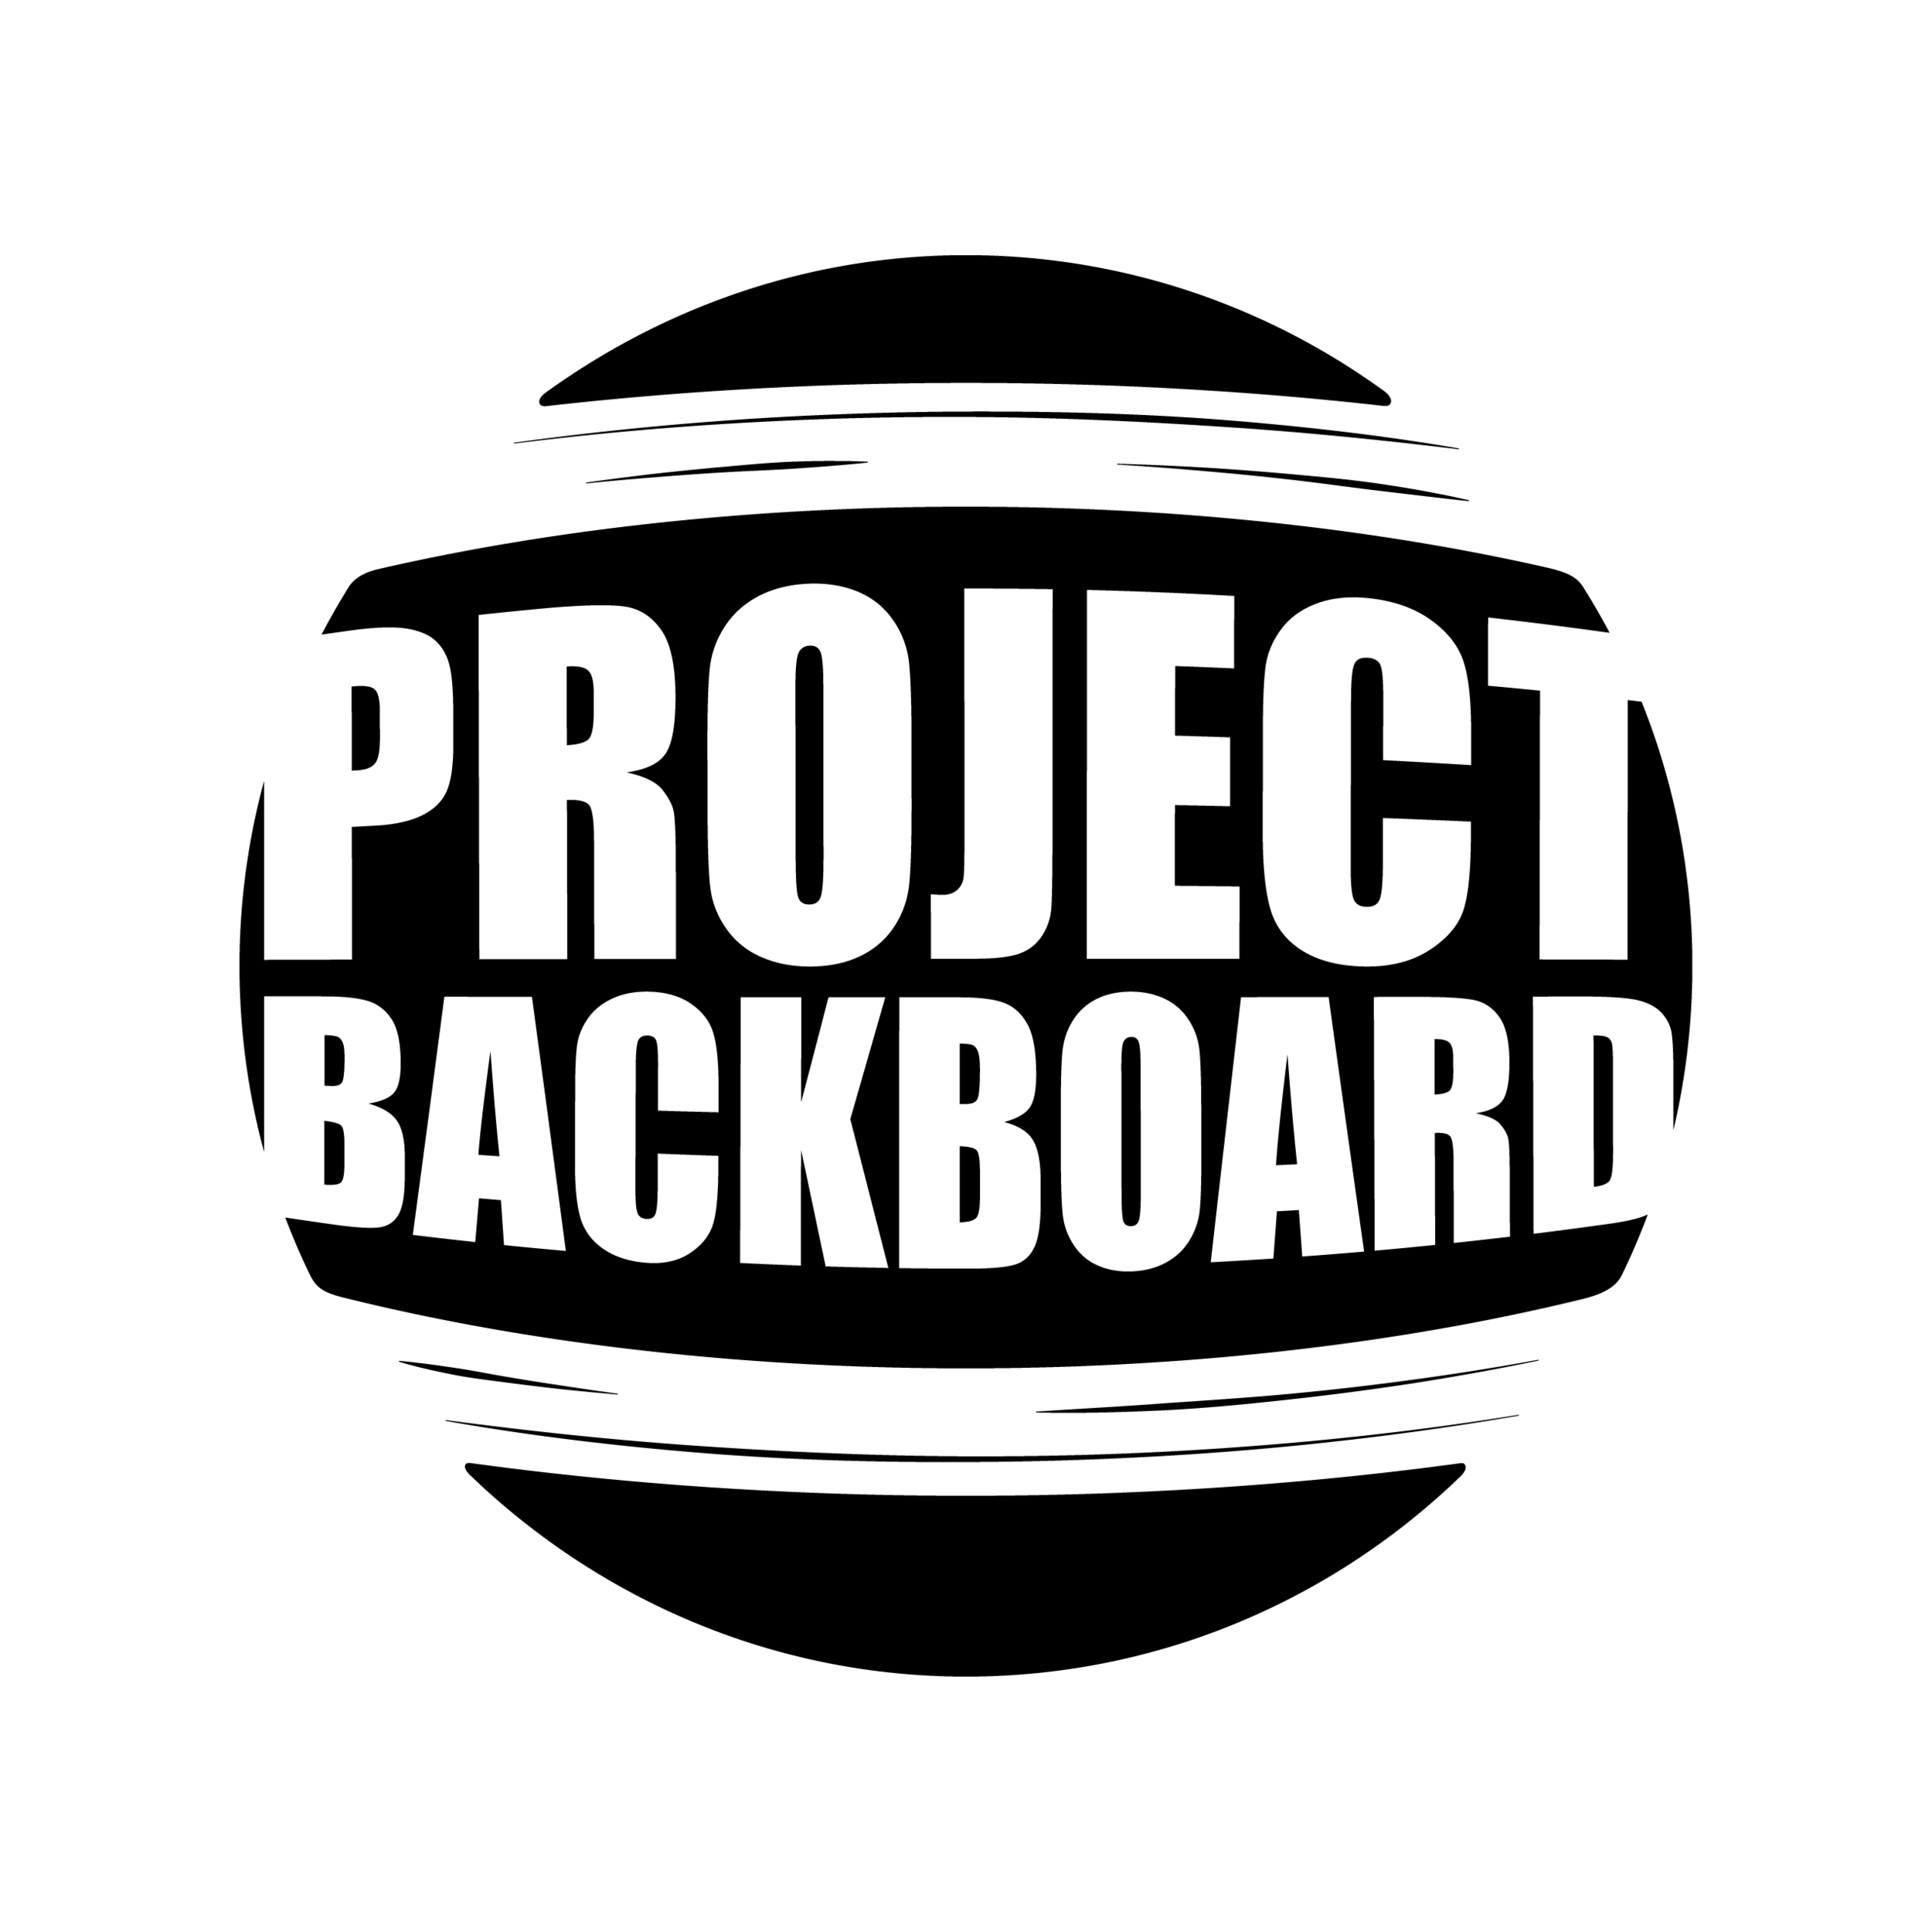 ProjectBackboard_4-13-18-05.png